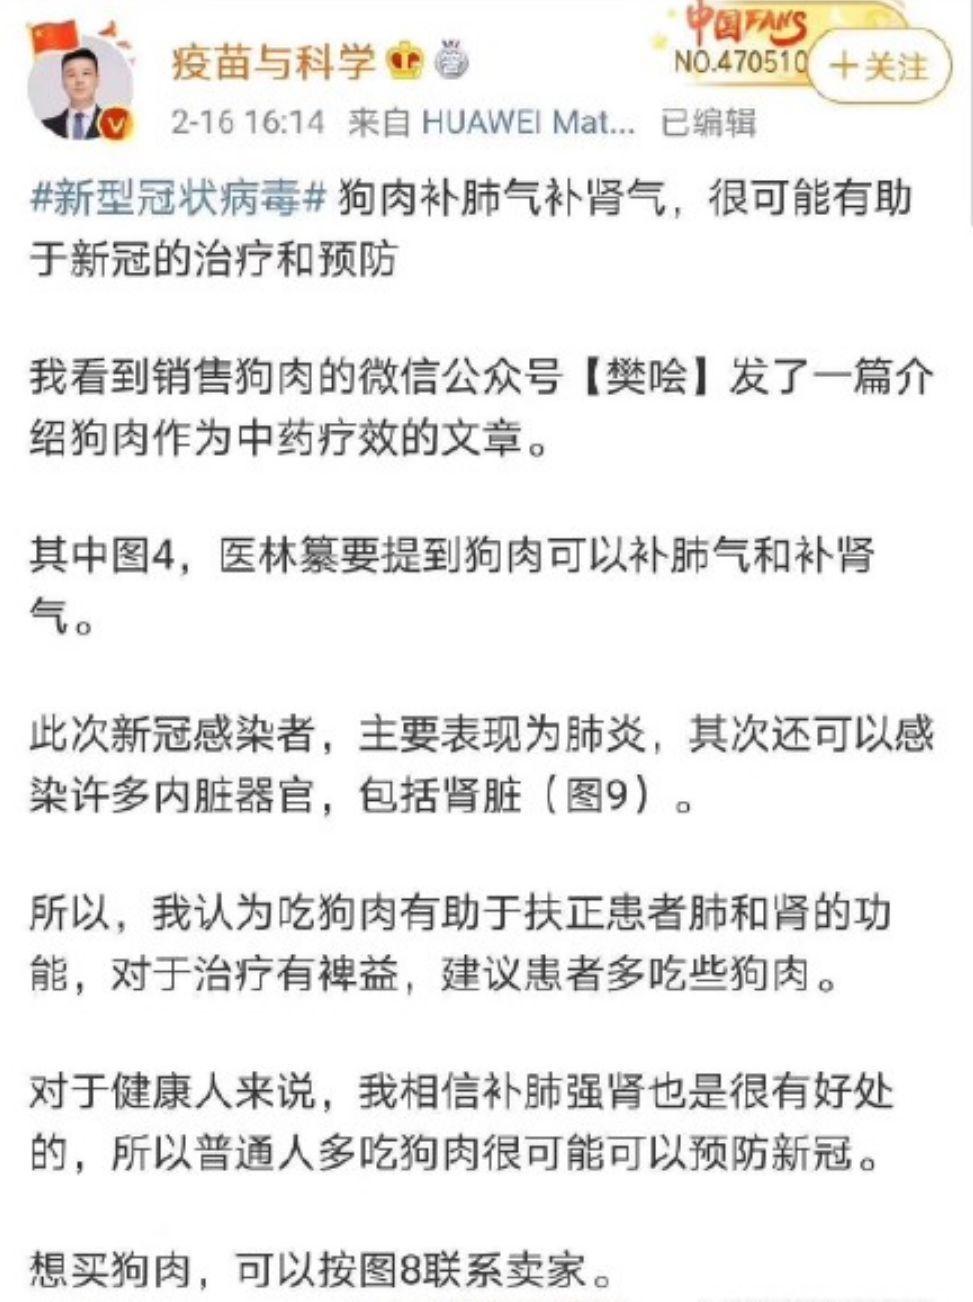 475萬粉絲的微博大V稱:吃狗肉能預防治肺炎,支持撲殺流浪狗……謠言!!!